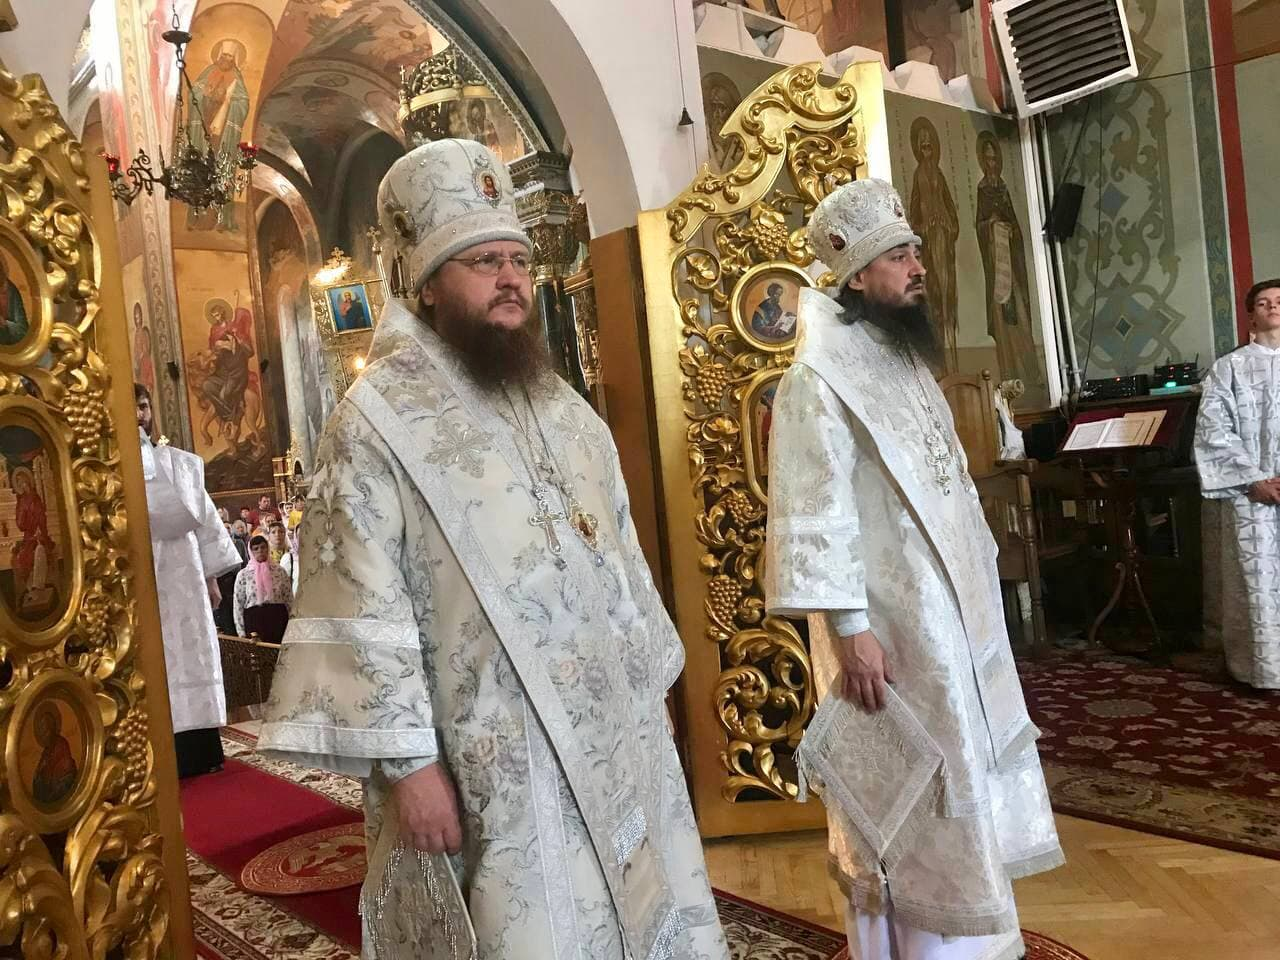 Архиепископ Черкасский и Каневский Феодосий возглавил Литургию в Неделю 7-ю по Пасхе